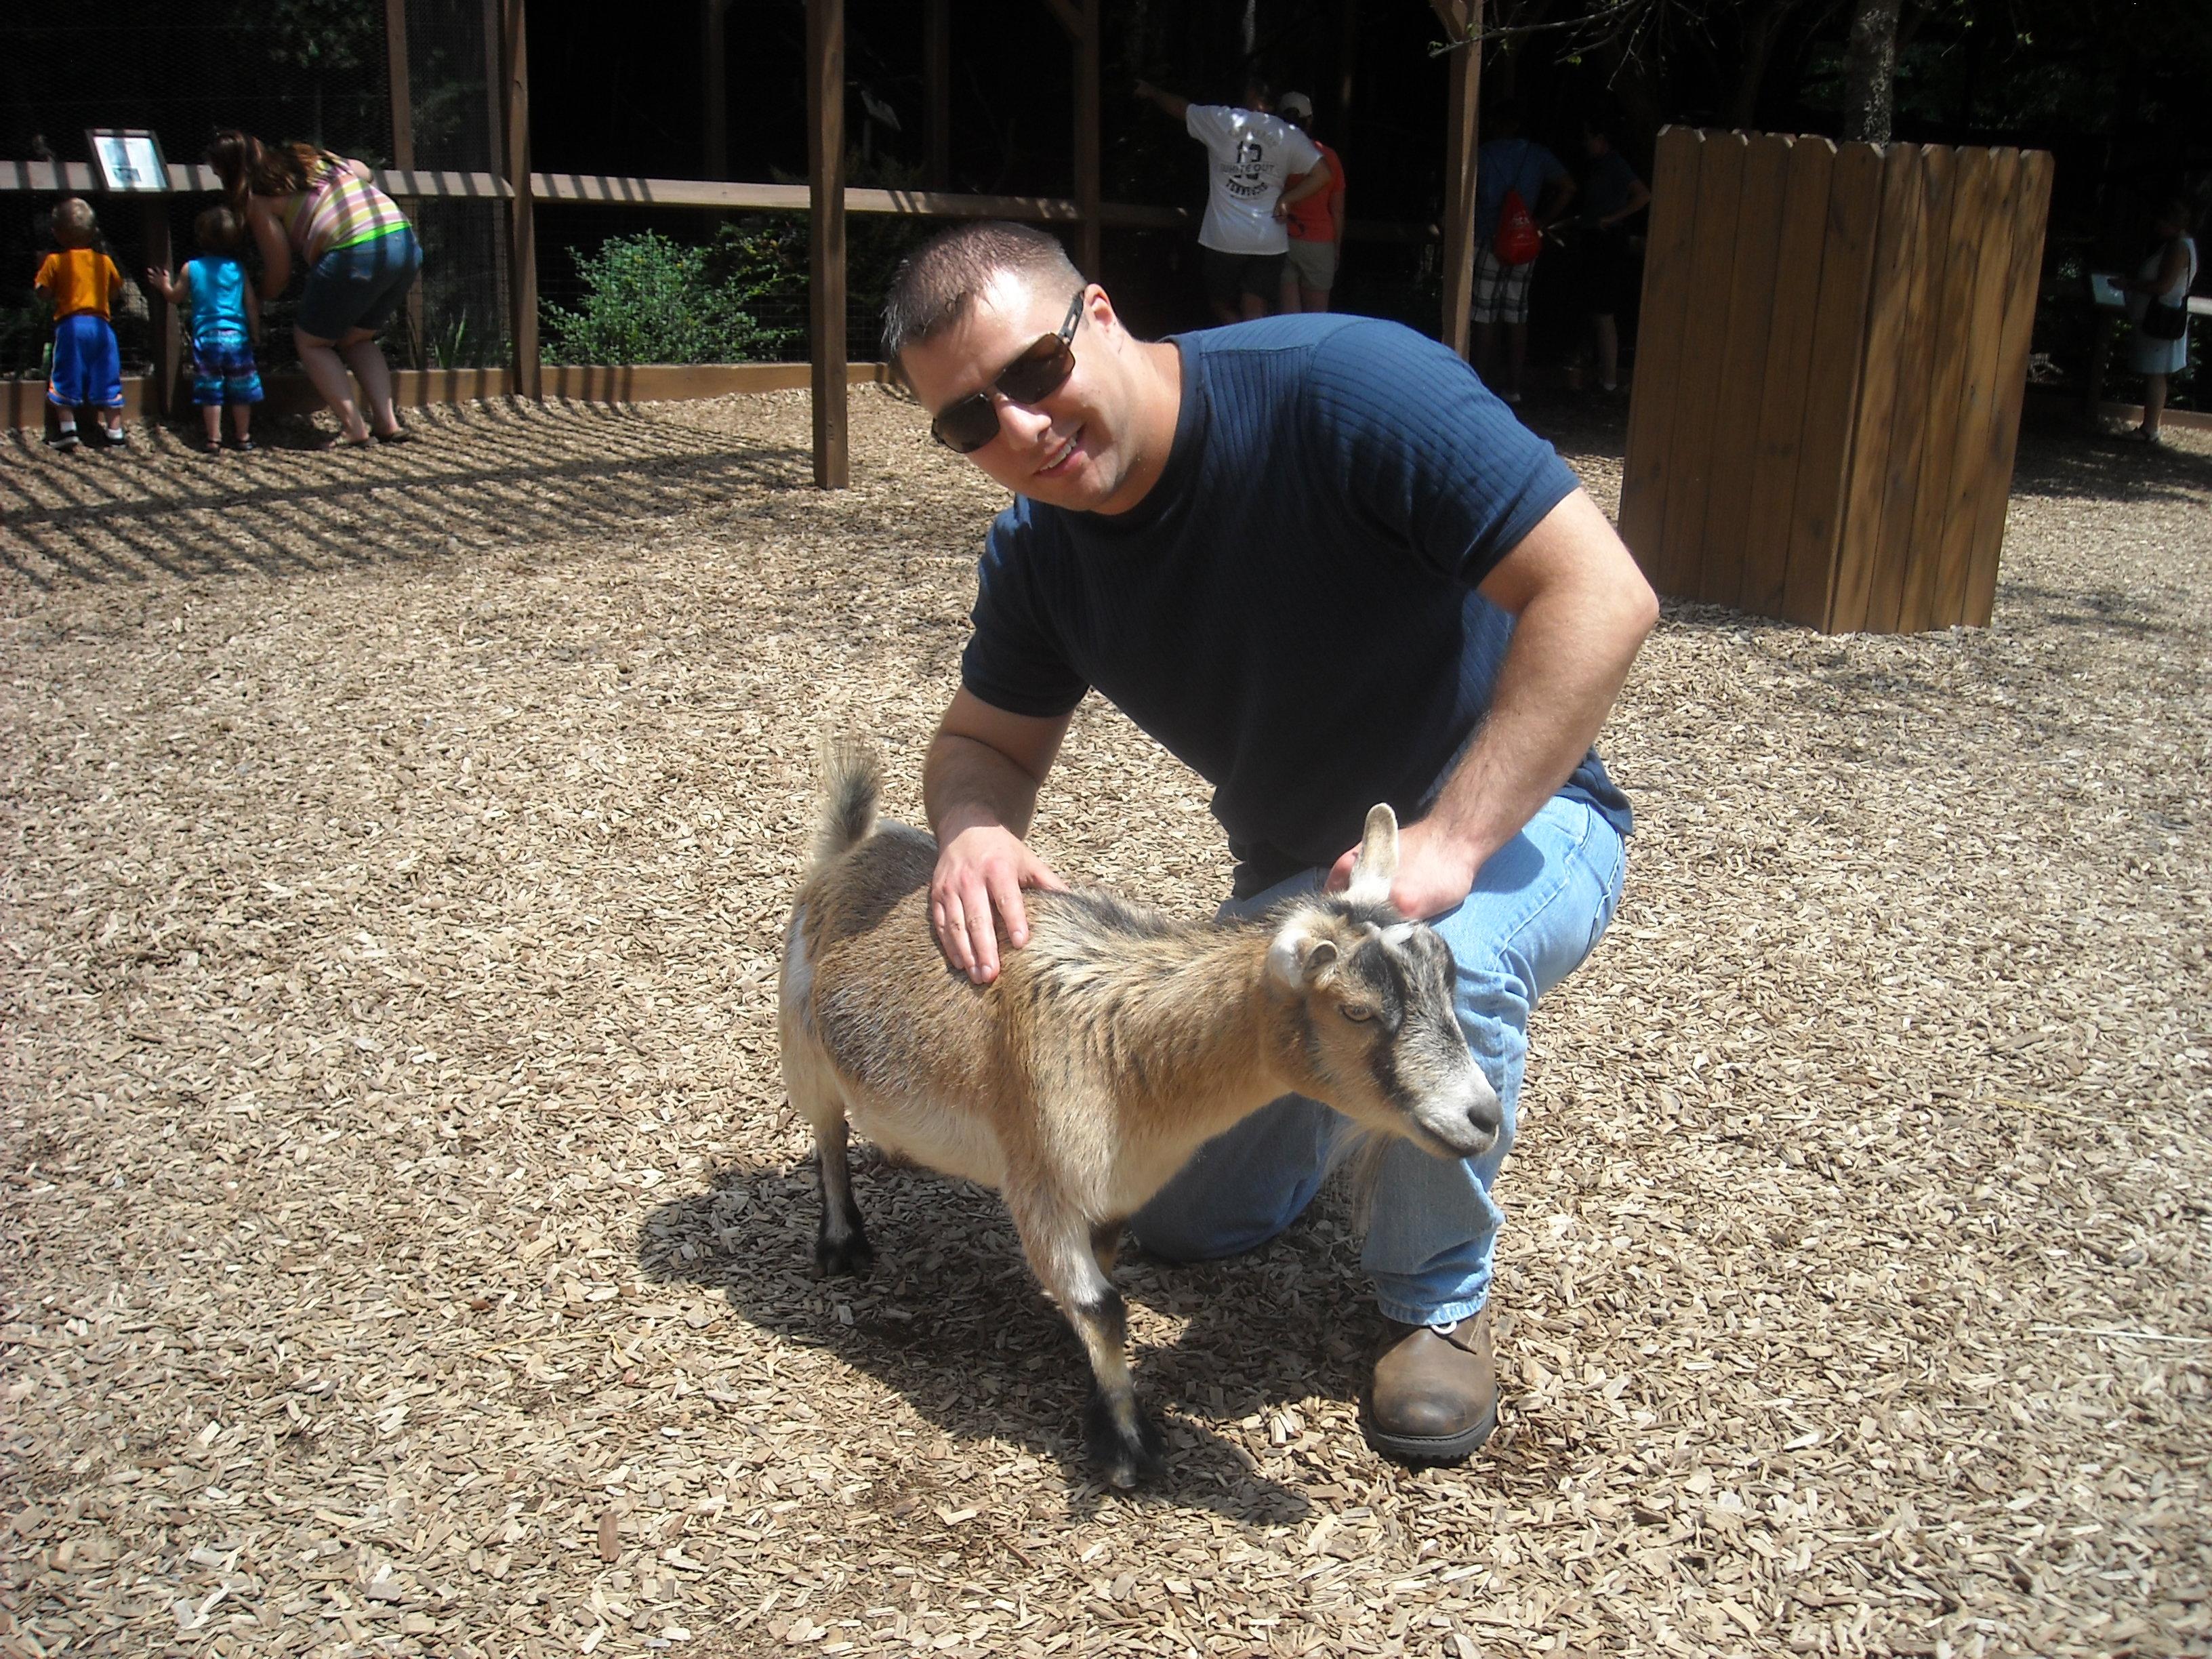 Goatpicture2